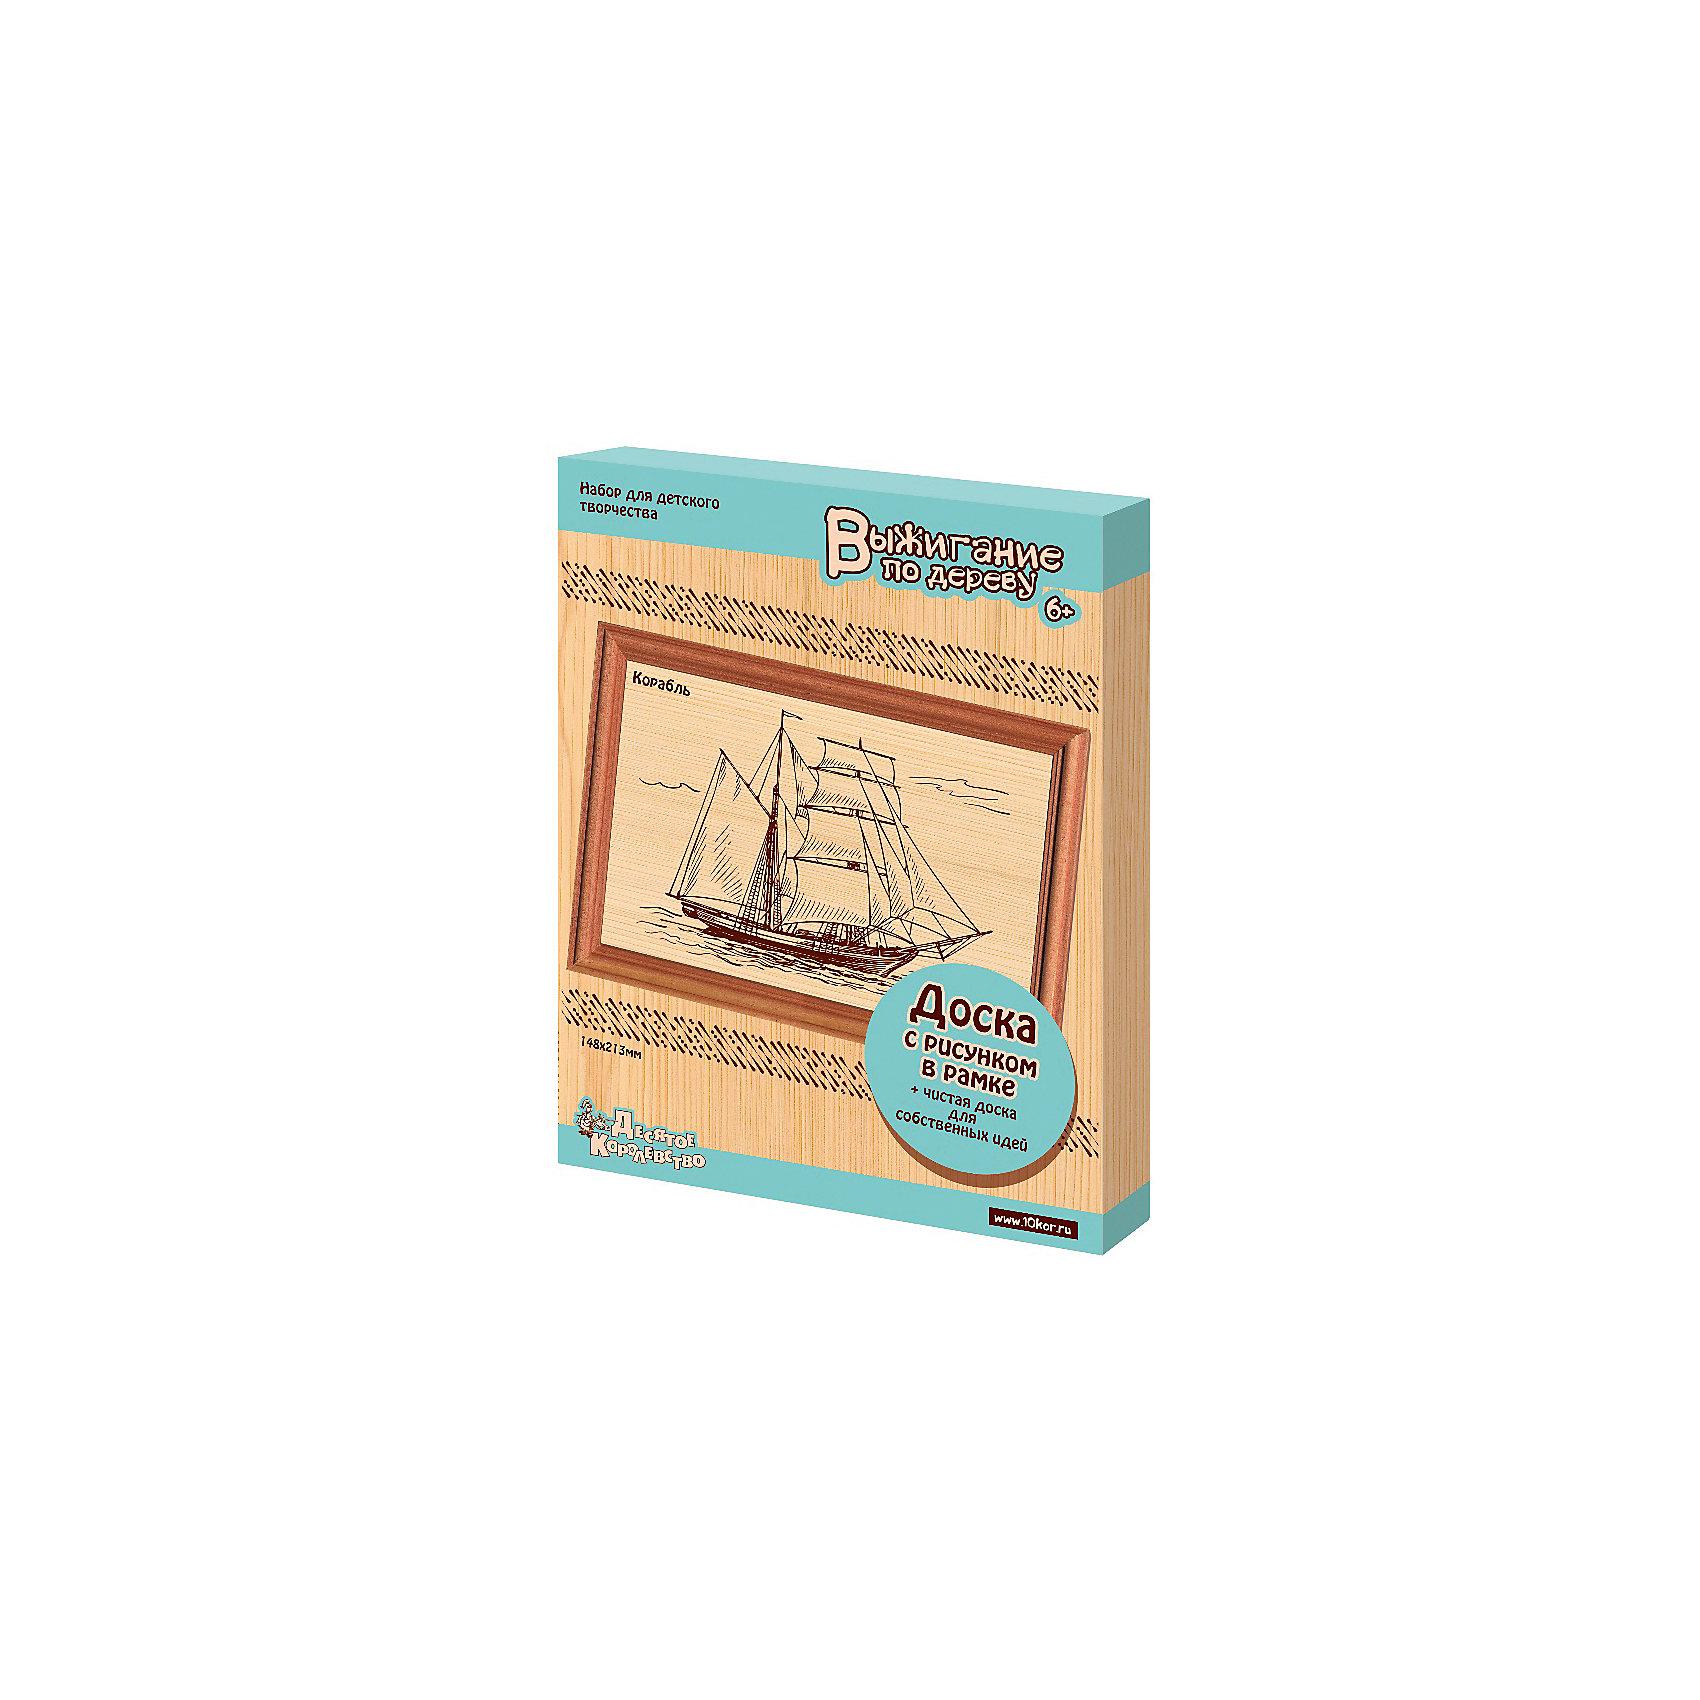 Доска для выжигания  Корабль, Десятое королевствоРукоделие<br>Доска для выжигания Корабль, Десятое королевство<br><br>Характеристики: <br><br>• В наборе: 1 фанерка с рисунком, 1 чистая<br>• Материал: шлифованная фанера<br>• Размер: 21Х15 см<br>• Толщина: 4мм<br>• Возраст: от 7 лет<br><br>Этот замечательный набор поможет ребенку освоить новую творческую деятельность - выжигание по дереву! Этот способ позволит быстро и легко сделать оригинальные подарки своим близким, развить мелкую моторику и научиться усидчивости и аккуратности. В набор входят 1 заготовка с нанесенными контурами и 1 фанерка без рисунка. Рисунки разработаны так, чтобы ребенок мог легко их повторить и почувствовать себя настоящим мастером.<br><br>Доска для выжигания Корабль, Десятое королевство можно купить в нашем интернет-магазине.<br><br>Ширина мм: 250<br>Глубина мм: 187<br>Высота мм: 25<br>Вес г: 286<br>Возраст от месяцев: 84<br>Возраст до месяцев: 2147483647<br>Пол: Унисекс<br>Возраст: Детский<br>SKU: 5471617